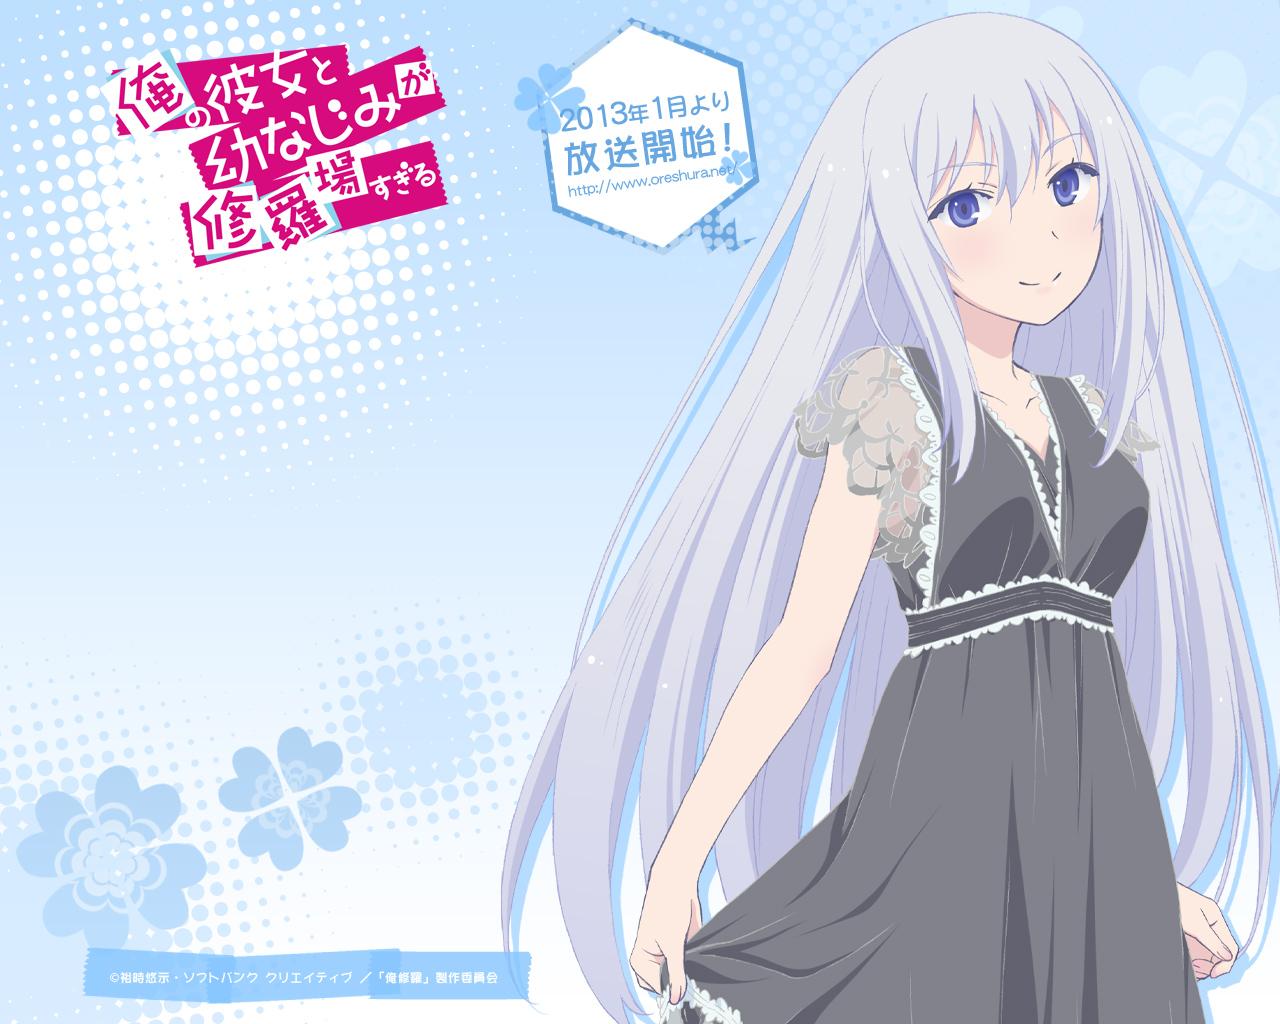 http://2.bp.blogspot.com/-zGYjLgcLOCE/UYmbP0ZQI9I/AAAAAAAAA4Q/Zl_FhlI_0J0/s1600/OreShura+Natsukawa+Masuzu+Wallpaper.jpg